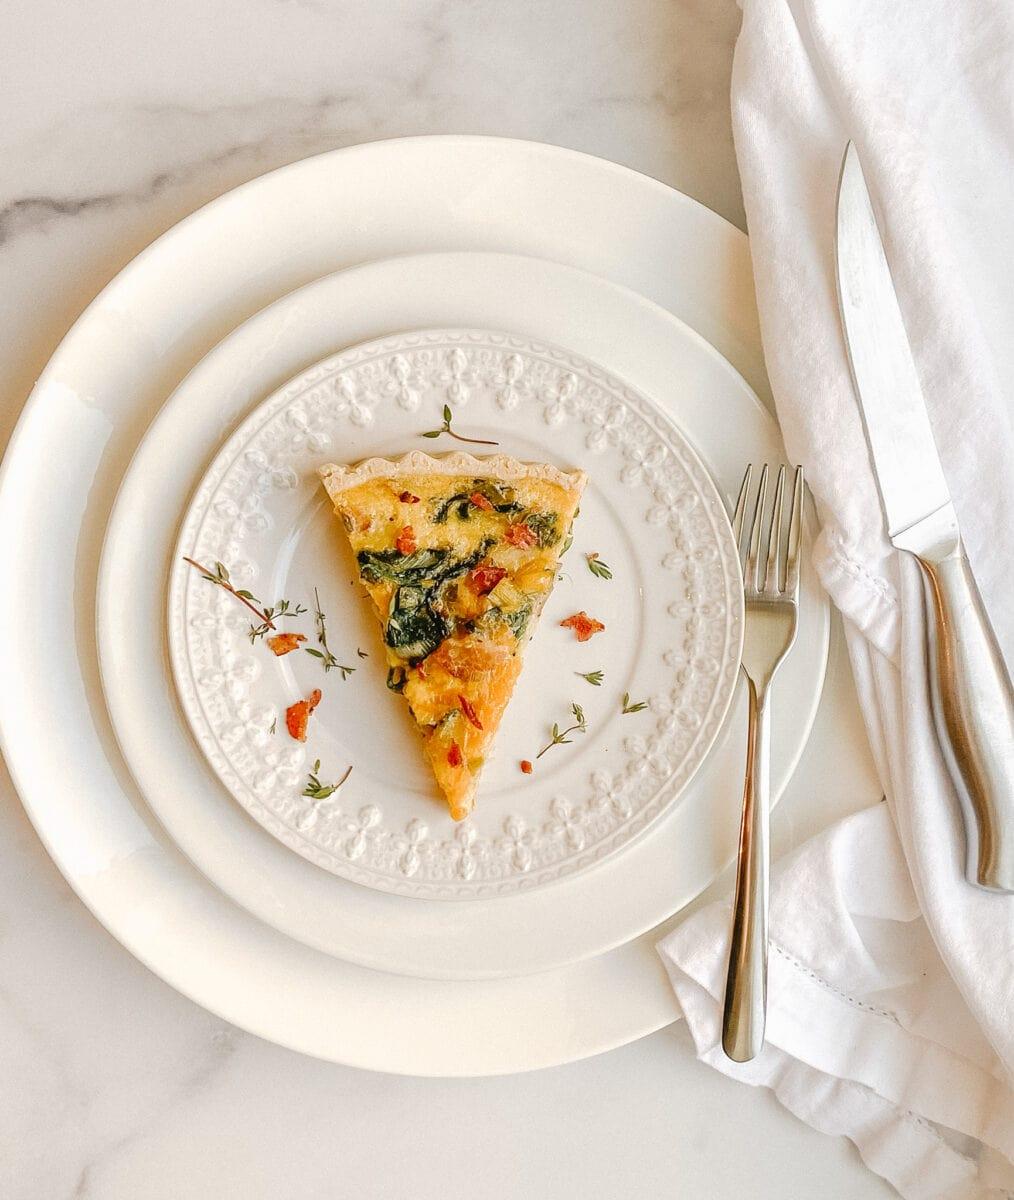 a slice of quiche on a decorative white plate